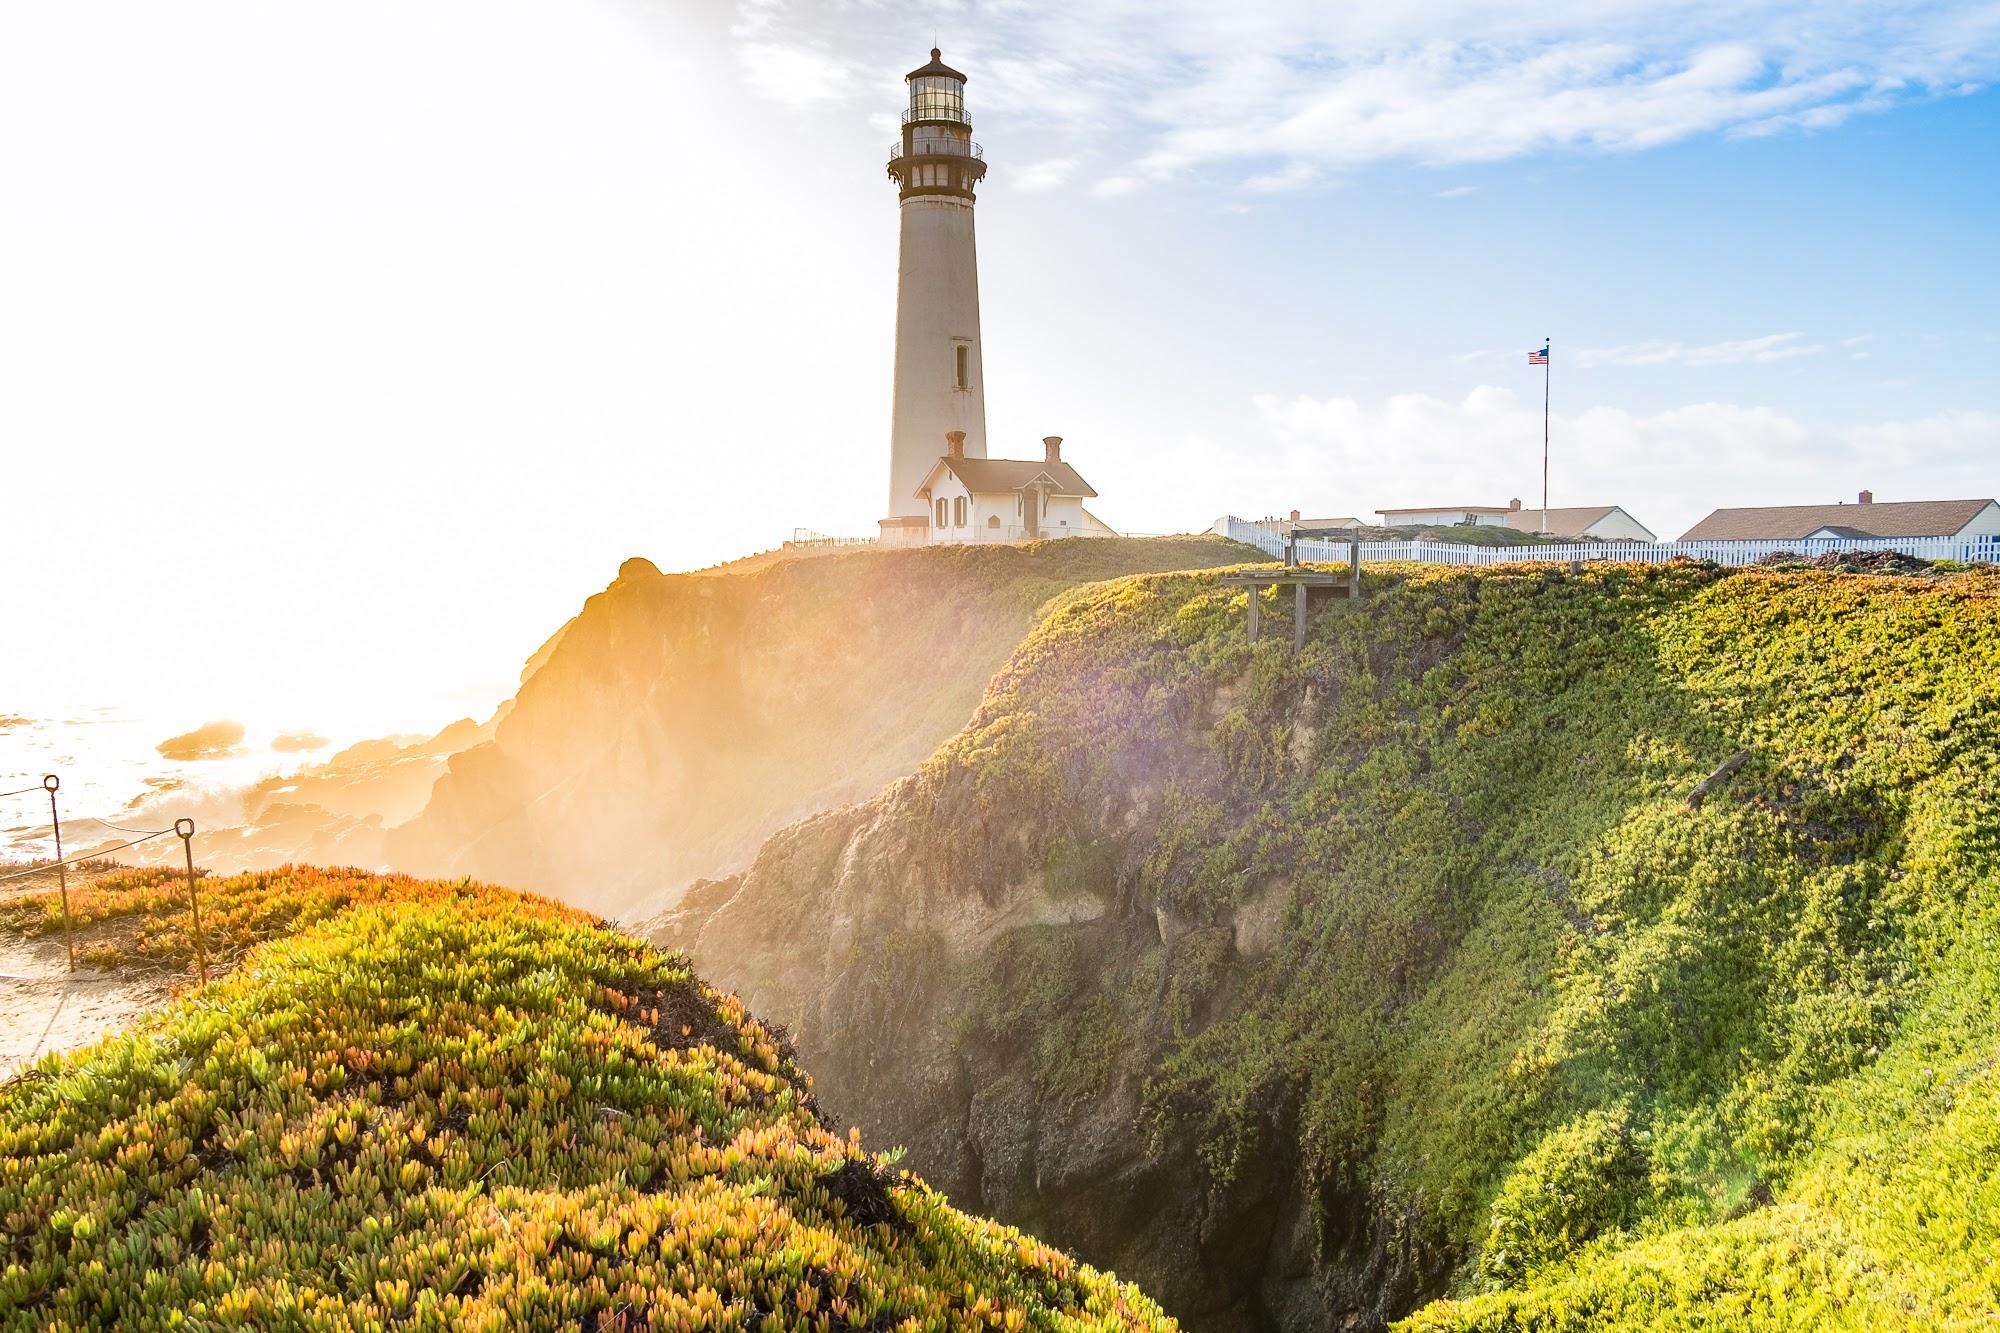 Pigeon Point lighthouse, sur la Highway 1 entre San Francisco et Santa Cruz